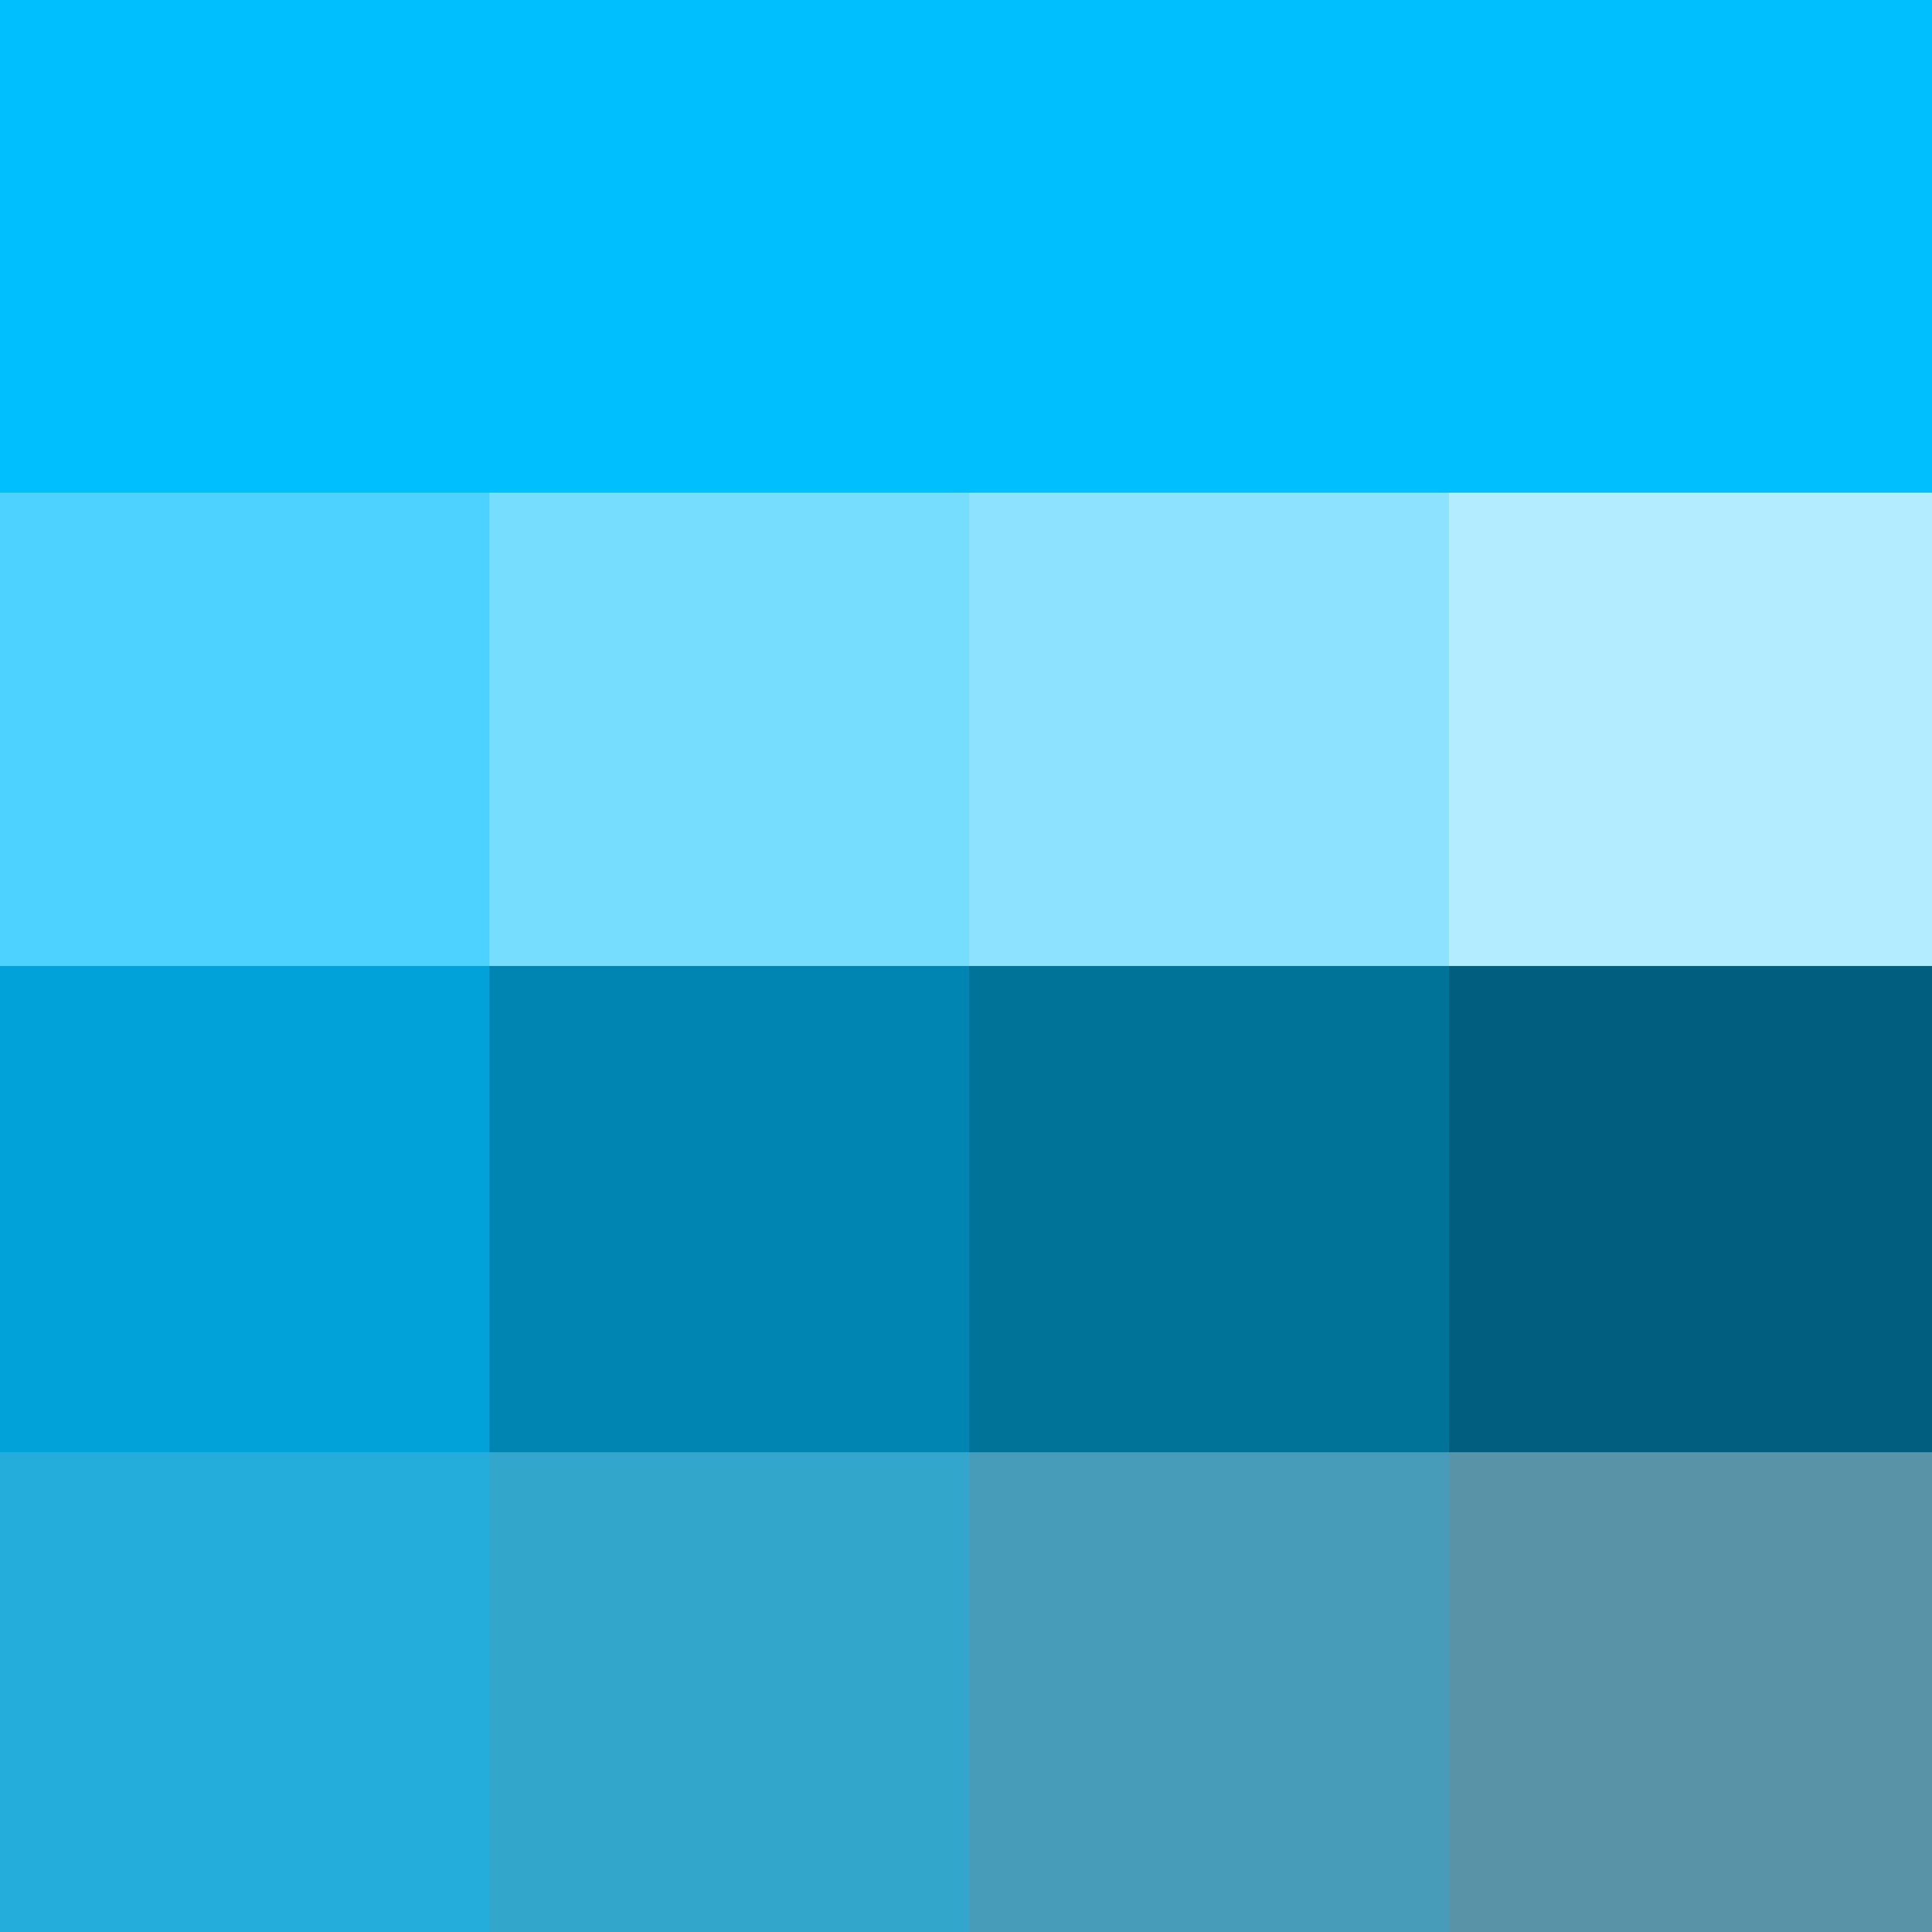 Deep Sky Blue Web Hue Pure Color With Tints Hue White Shades Hue Black And Tones Hu Soft Summer Color Palette Soft Summer Colors Color Theory